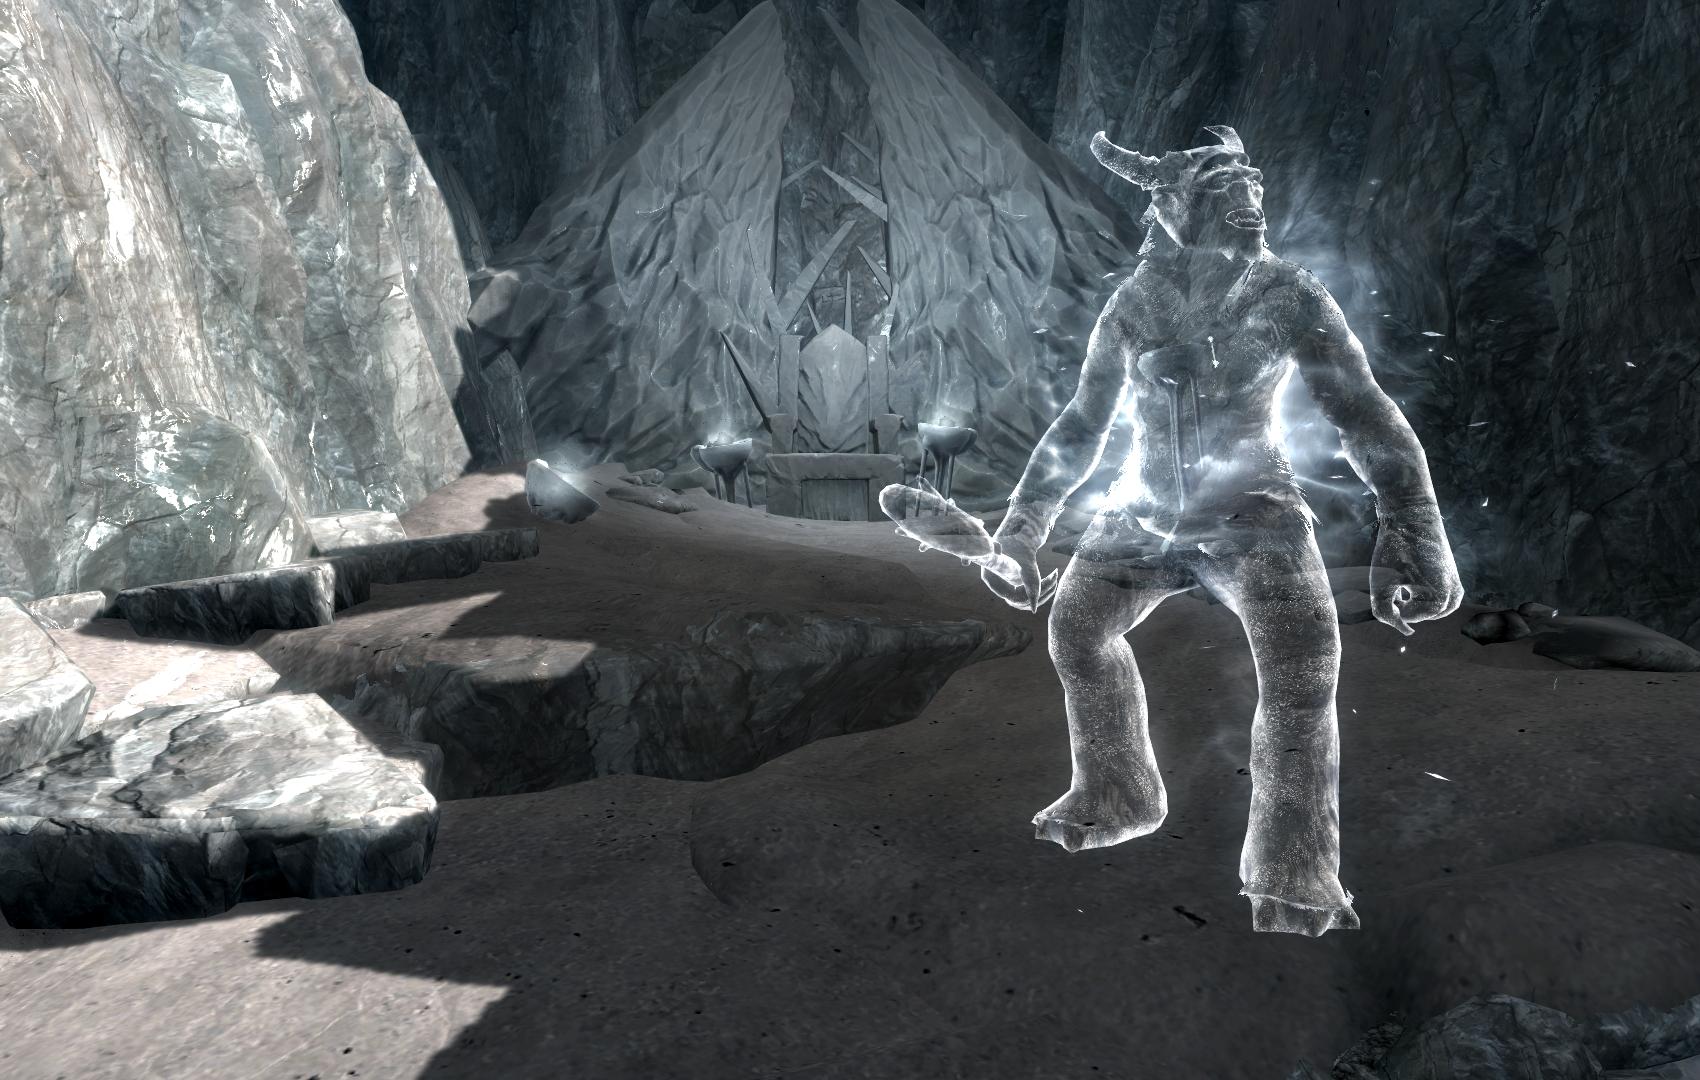 5 mini chefes escondidos de Skyrim que você provavelmente